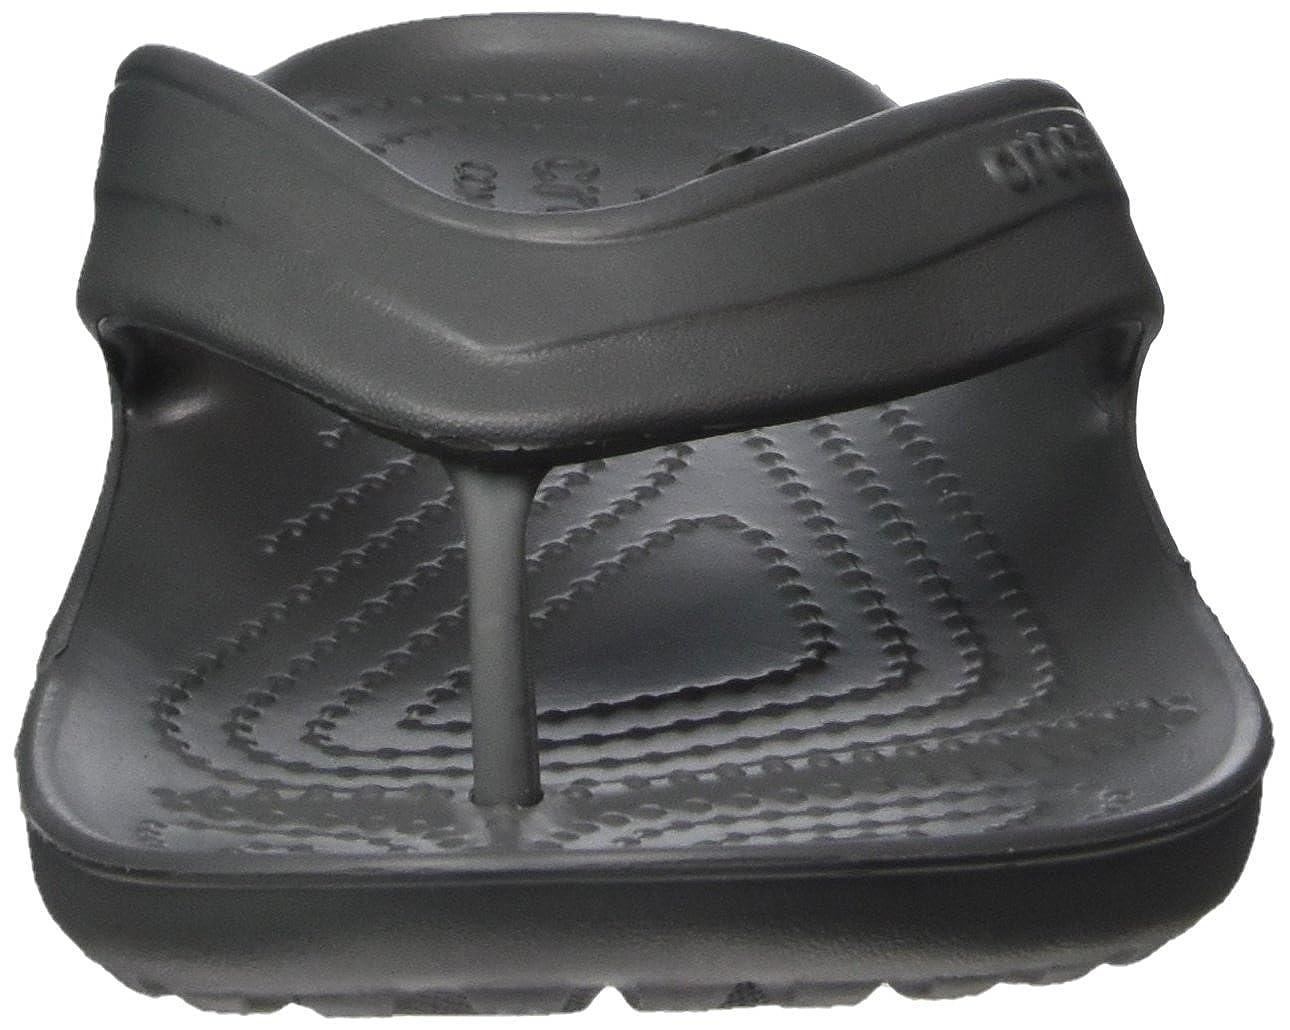 Crocs Classic Flip Flop